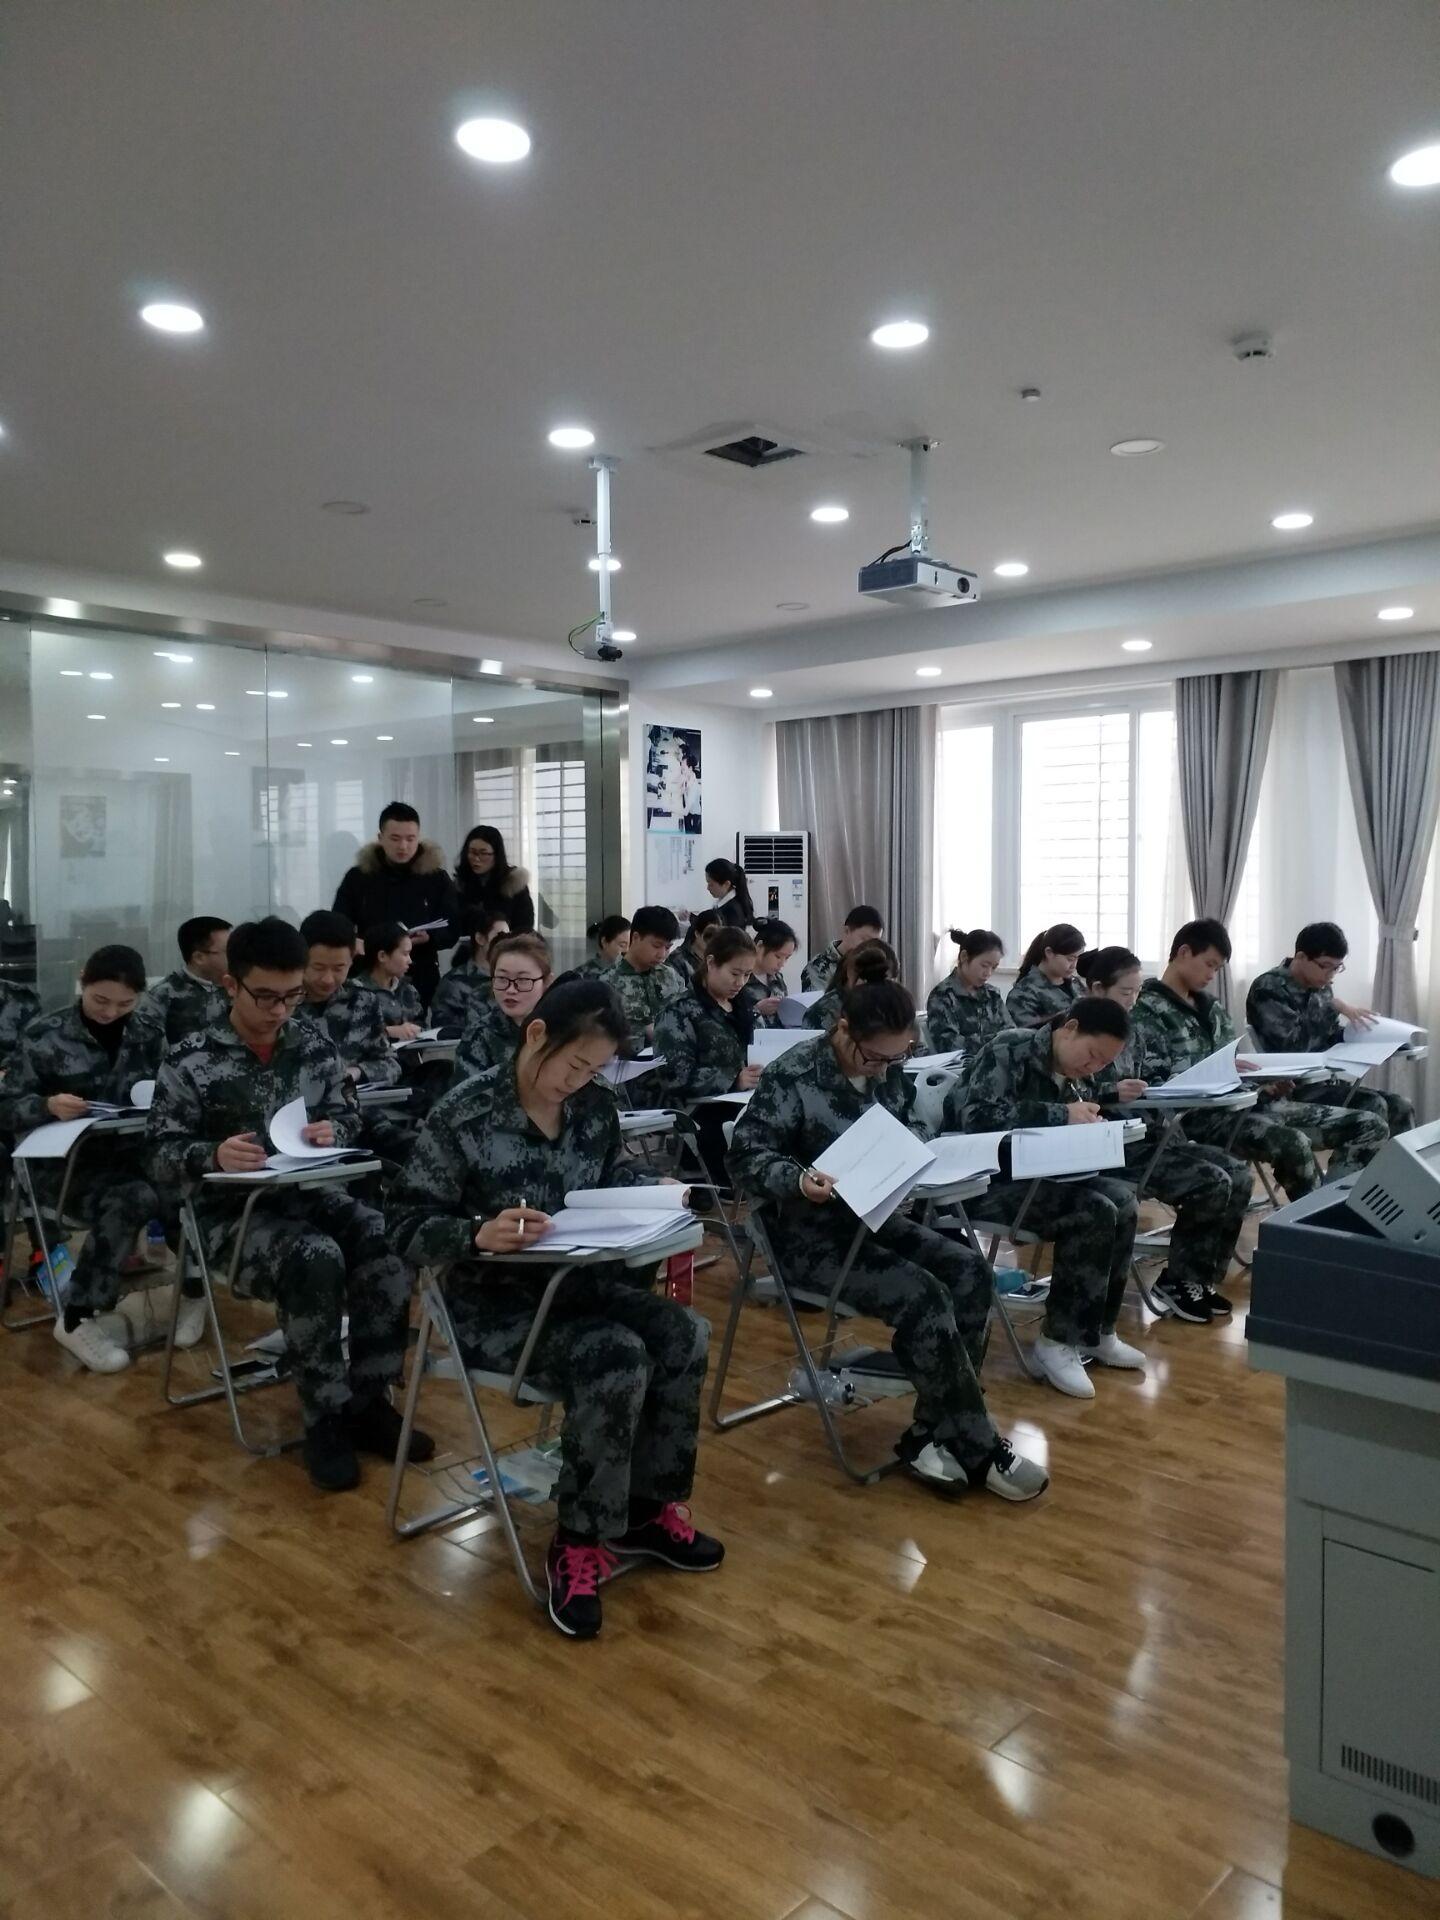 兴鸿翔公司前往汉十高速樊西所开展人资培训工作